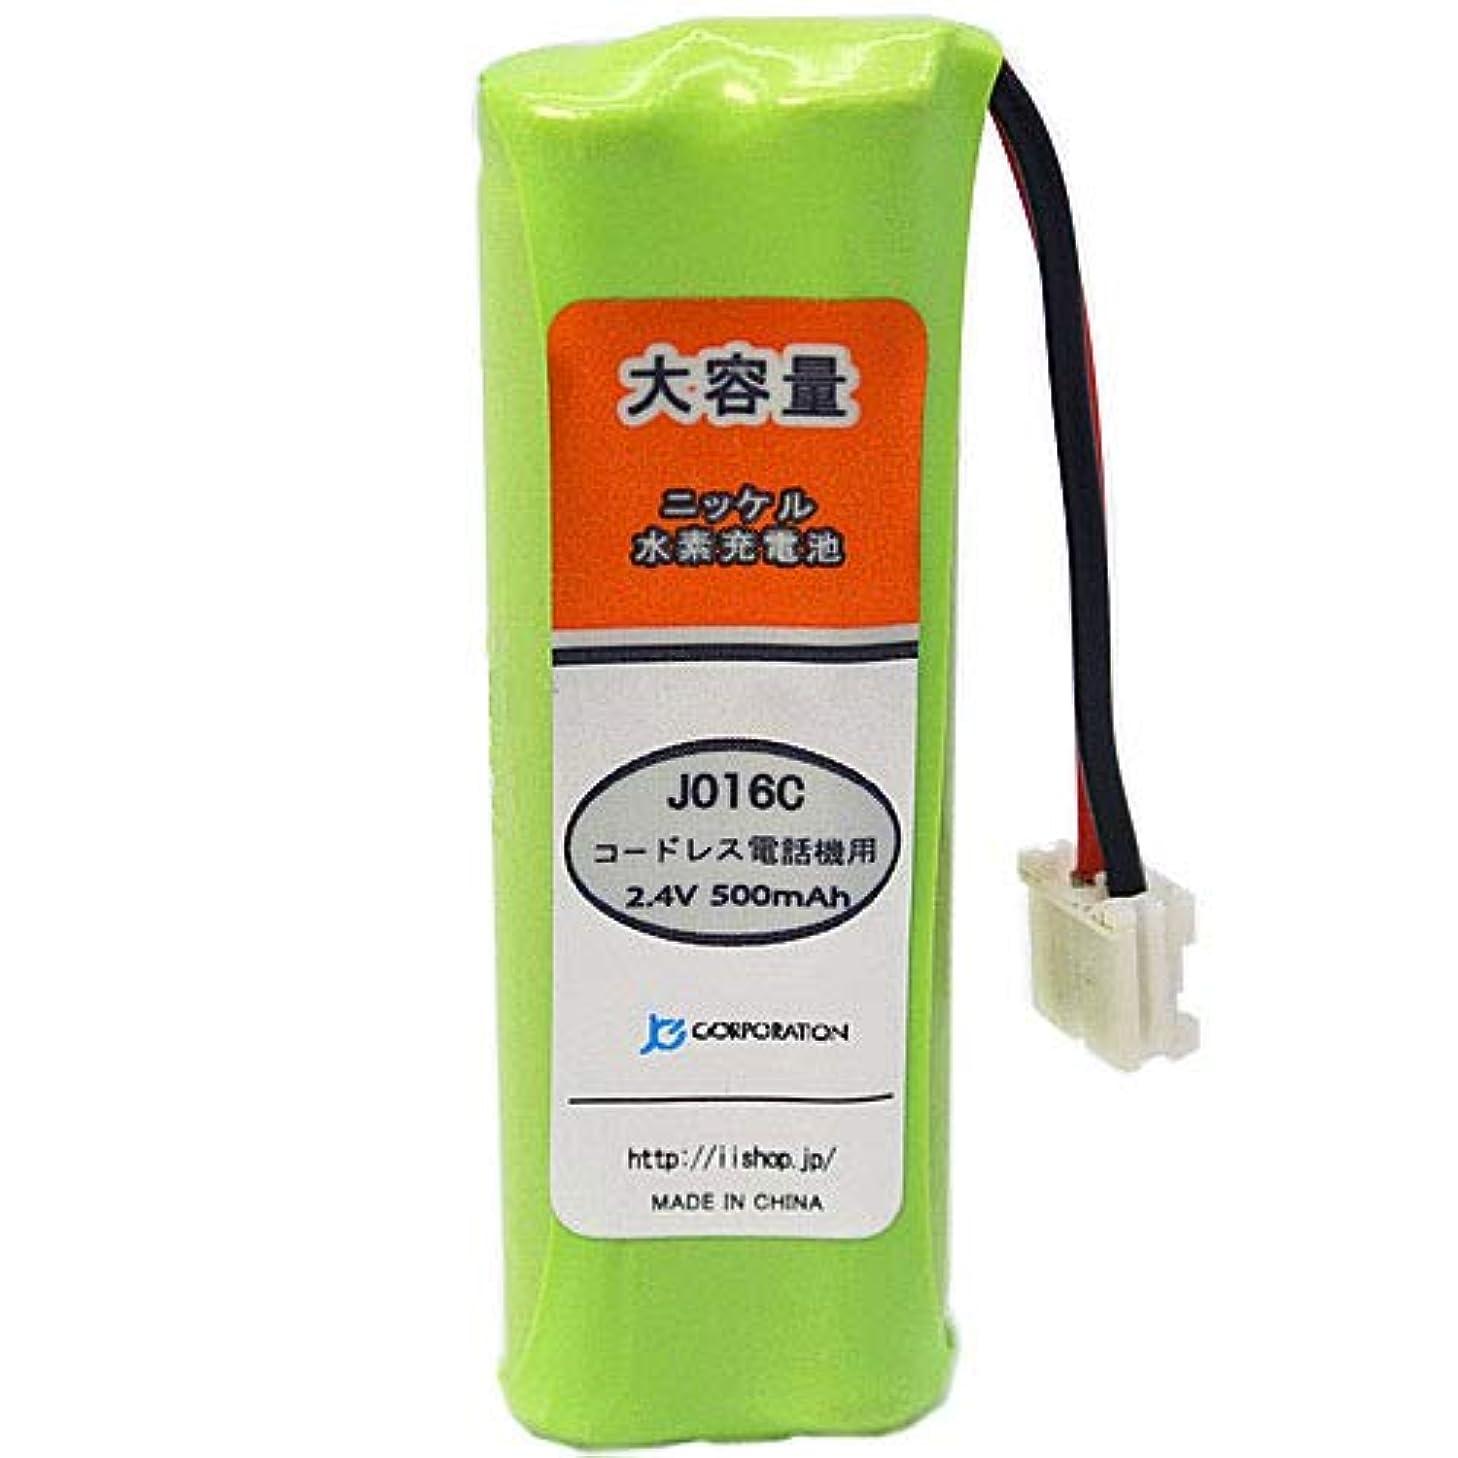 王女楽しい機械的にシャープ コードレス子機用互換充電池【 M-224 対応】 JD-S05CL JD-4C1CL JD-3C1CL 【 JANコード:4571476510127 】